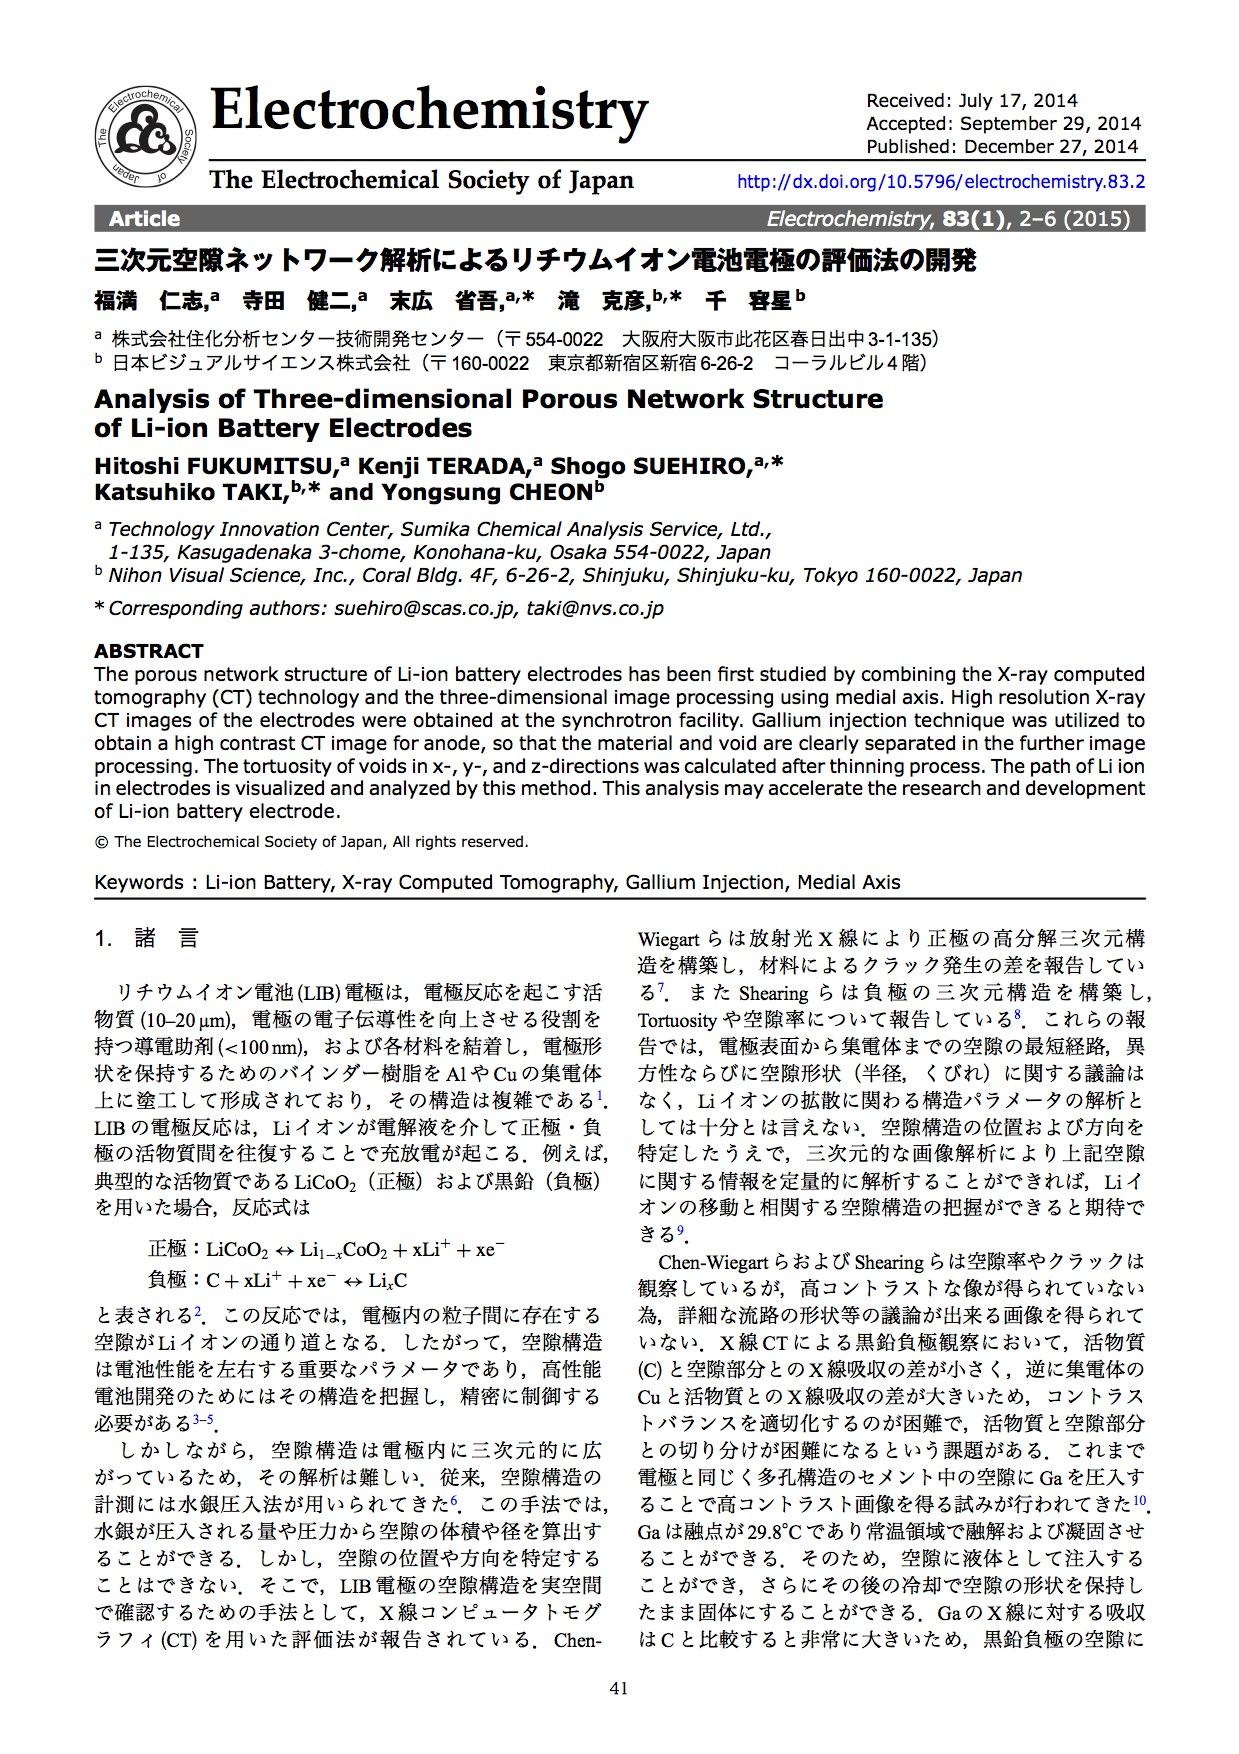 三次元空隙ネットワーク解析によるリチウムイオン電池電極の評価法の開発 福満 仁志(住化分析センター)、滝 克彦、千 容星(日本ビジュアルサイエンス)ほか 『Electrochemistry』、電気化学会、Vol.83、No.1、pp.2-6、(2015).